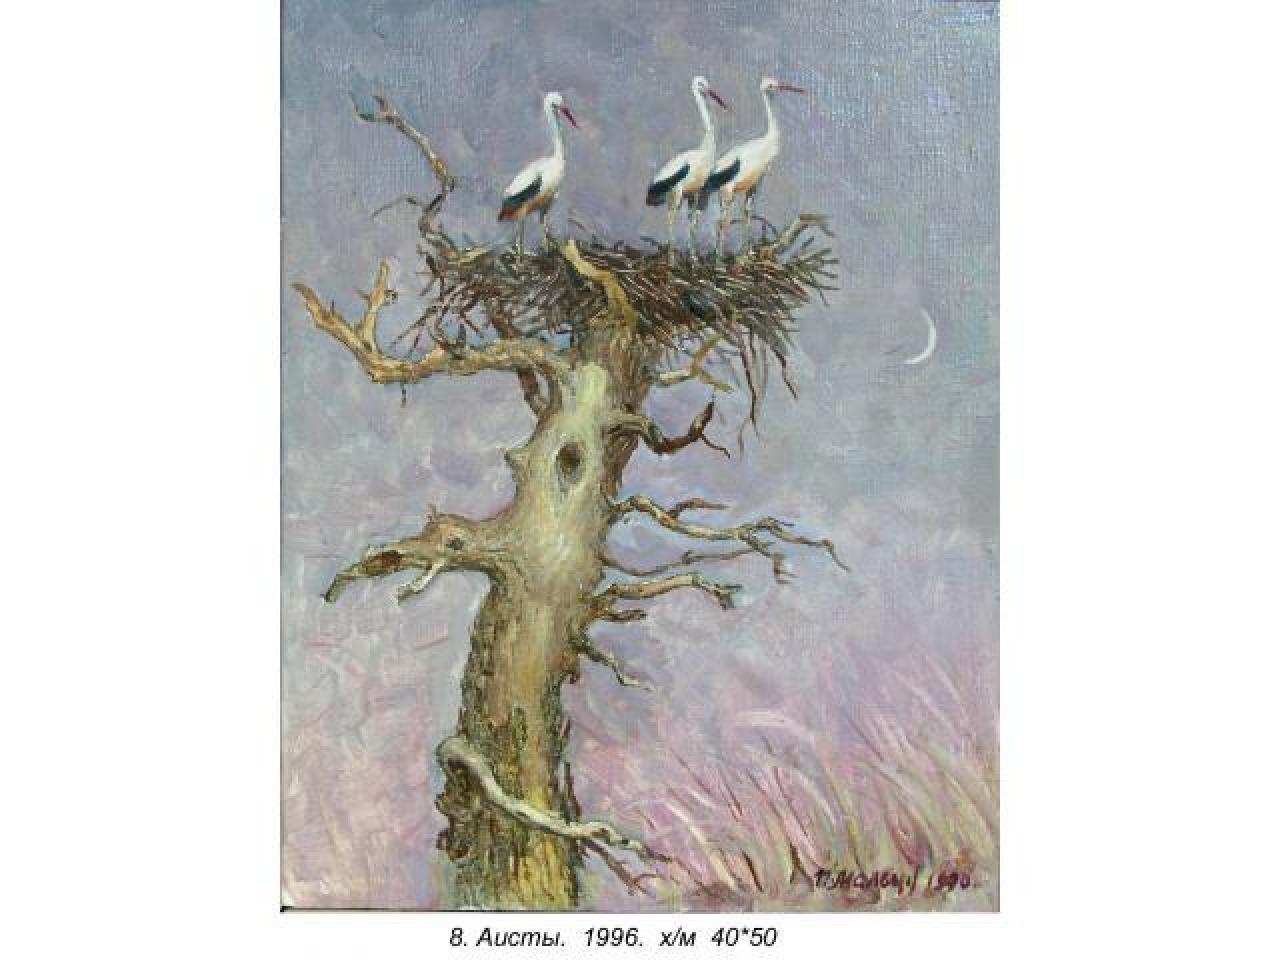 продам живописные картины соцреализма (более 500 шт.) Мальцева П,Н, - 4